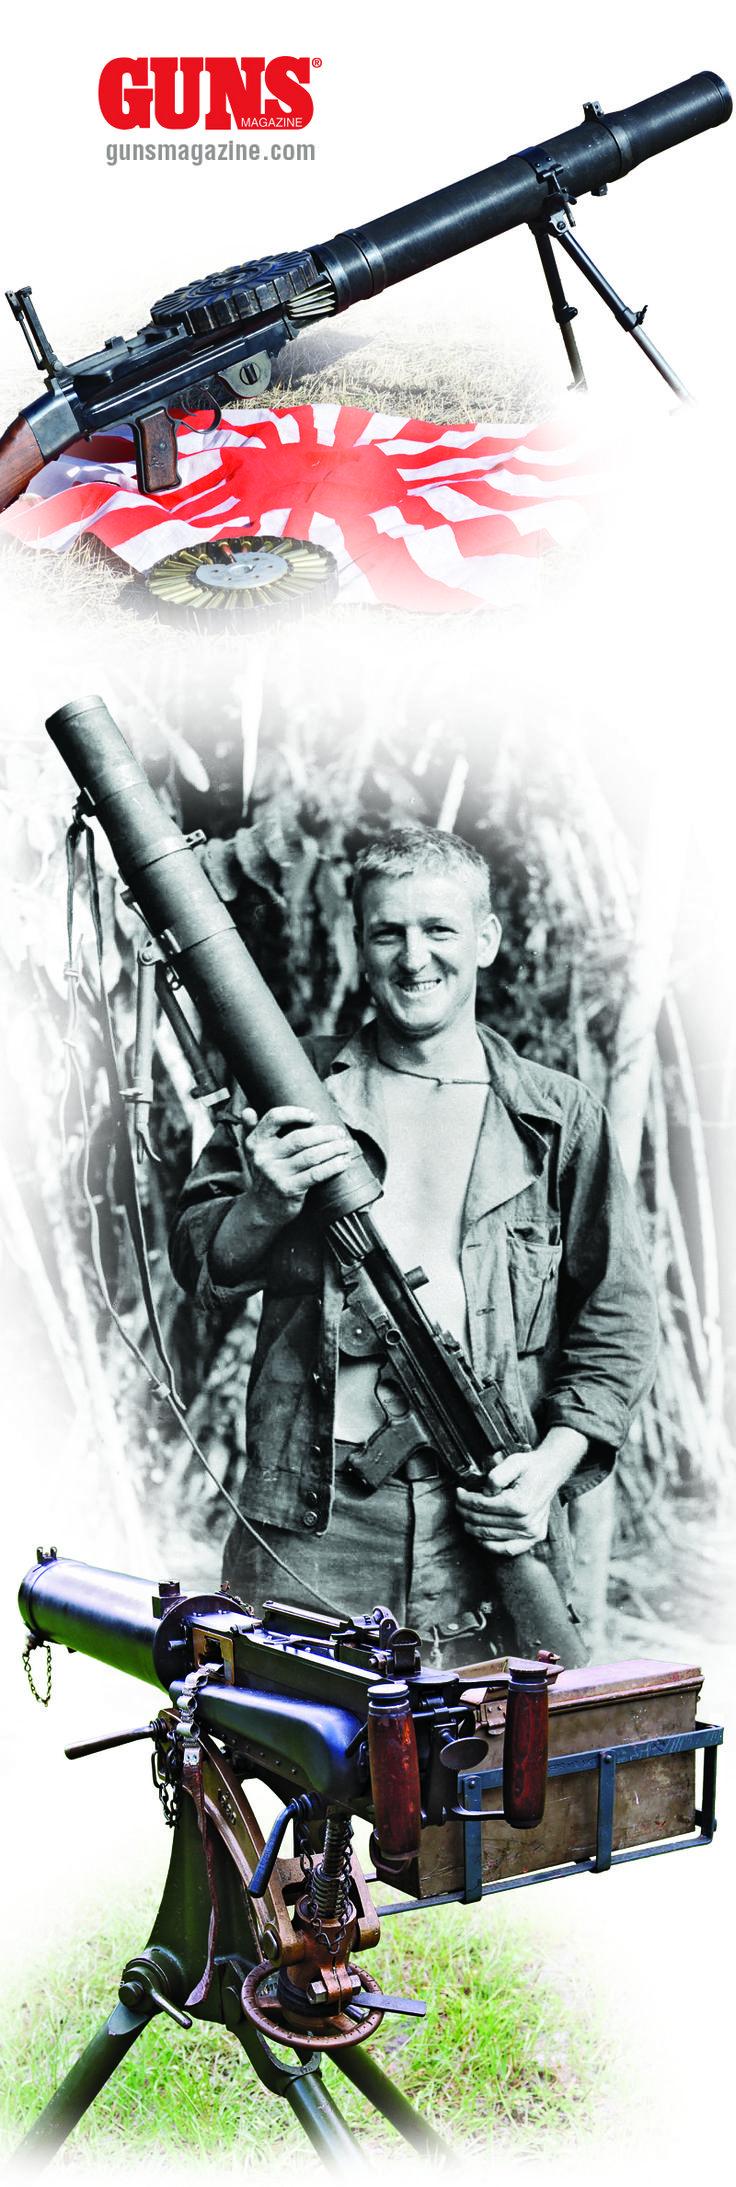 best light machine gun in the world